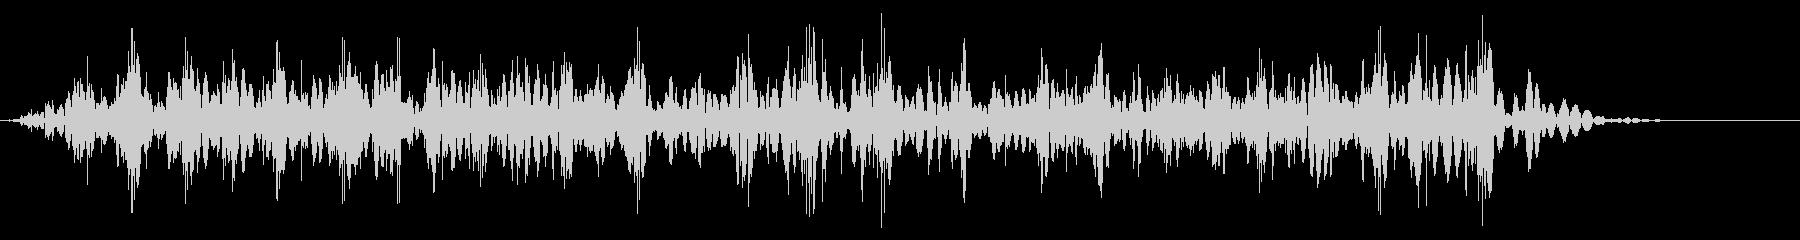 スライムなどが蠢く音 タイプC#4の未再生の波形